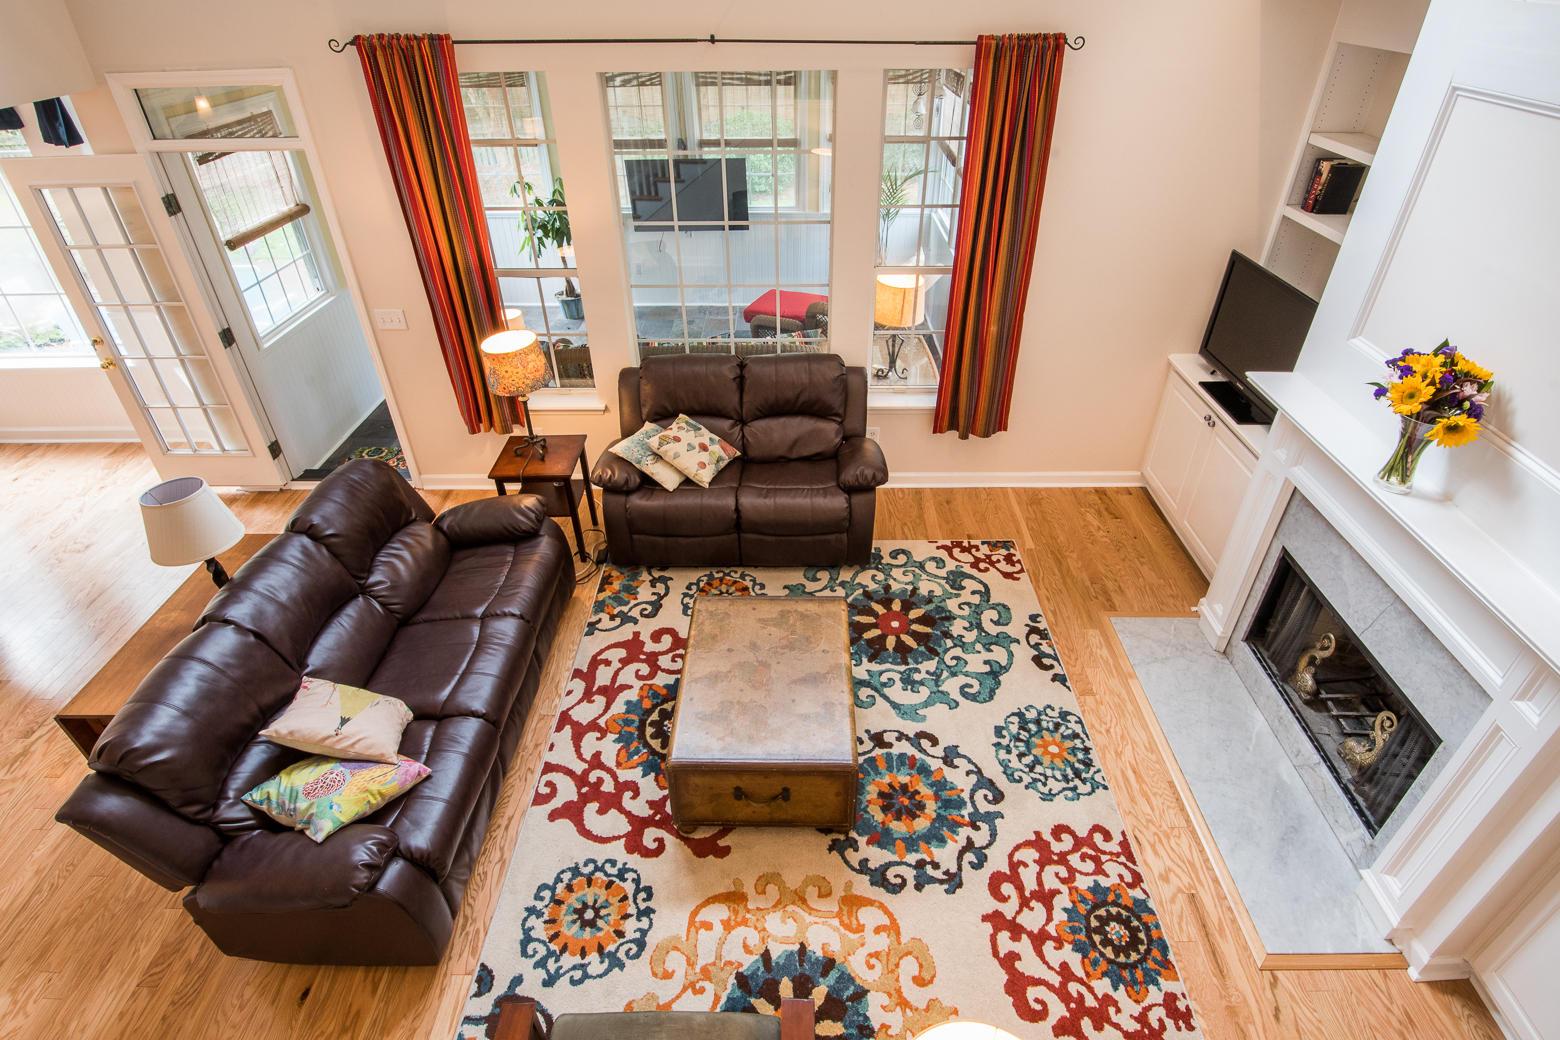 Dunes West Homes For Sale - 1111 Black Rush, Mount Pleasant, SC - 31